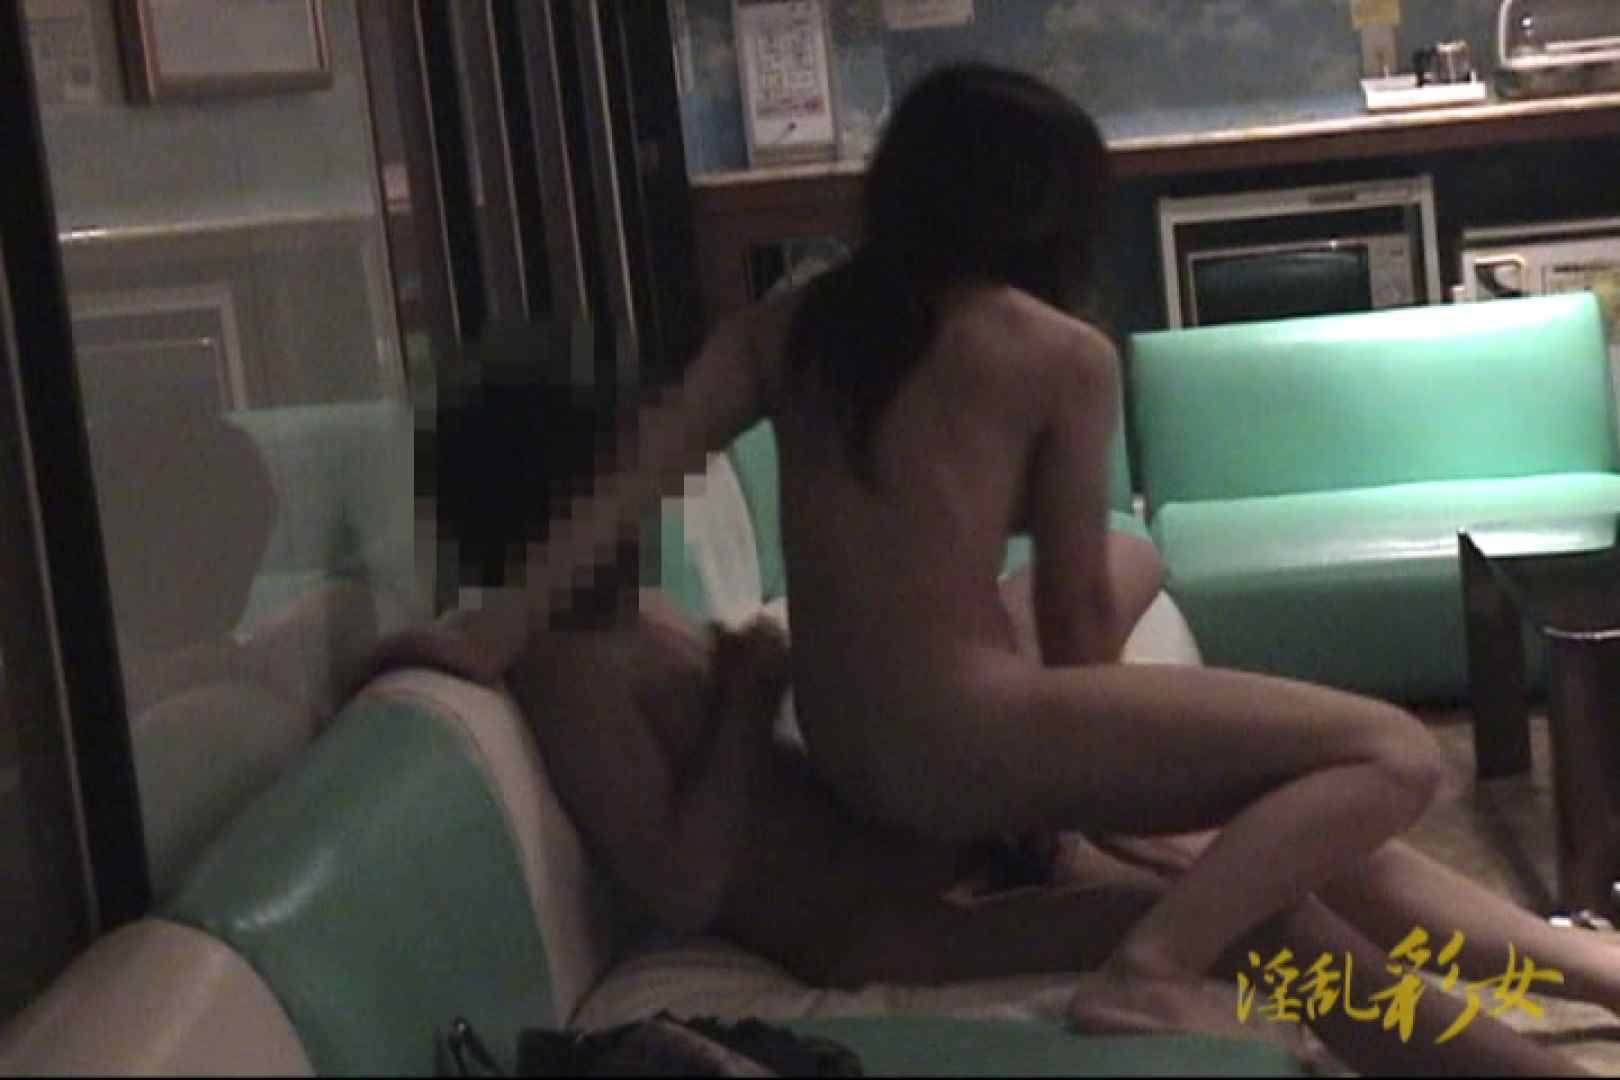 淫乱彩女 麻優里 ホテルで3P絶倫編2 ホテル | 一般投稿  94pic 51